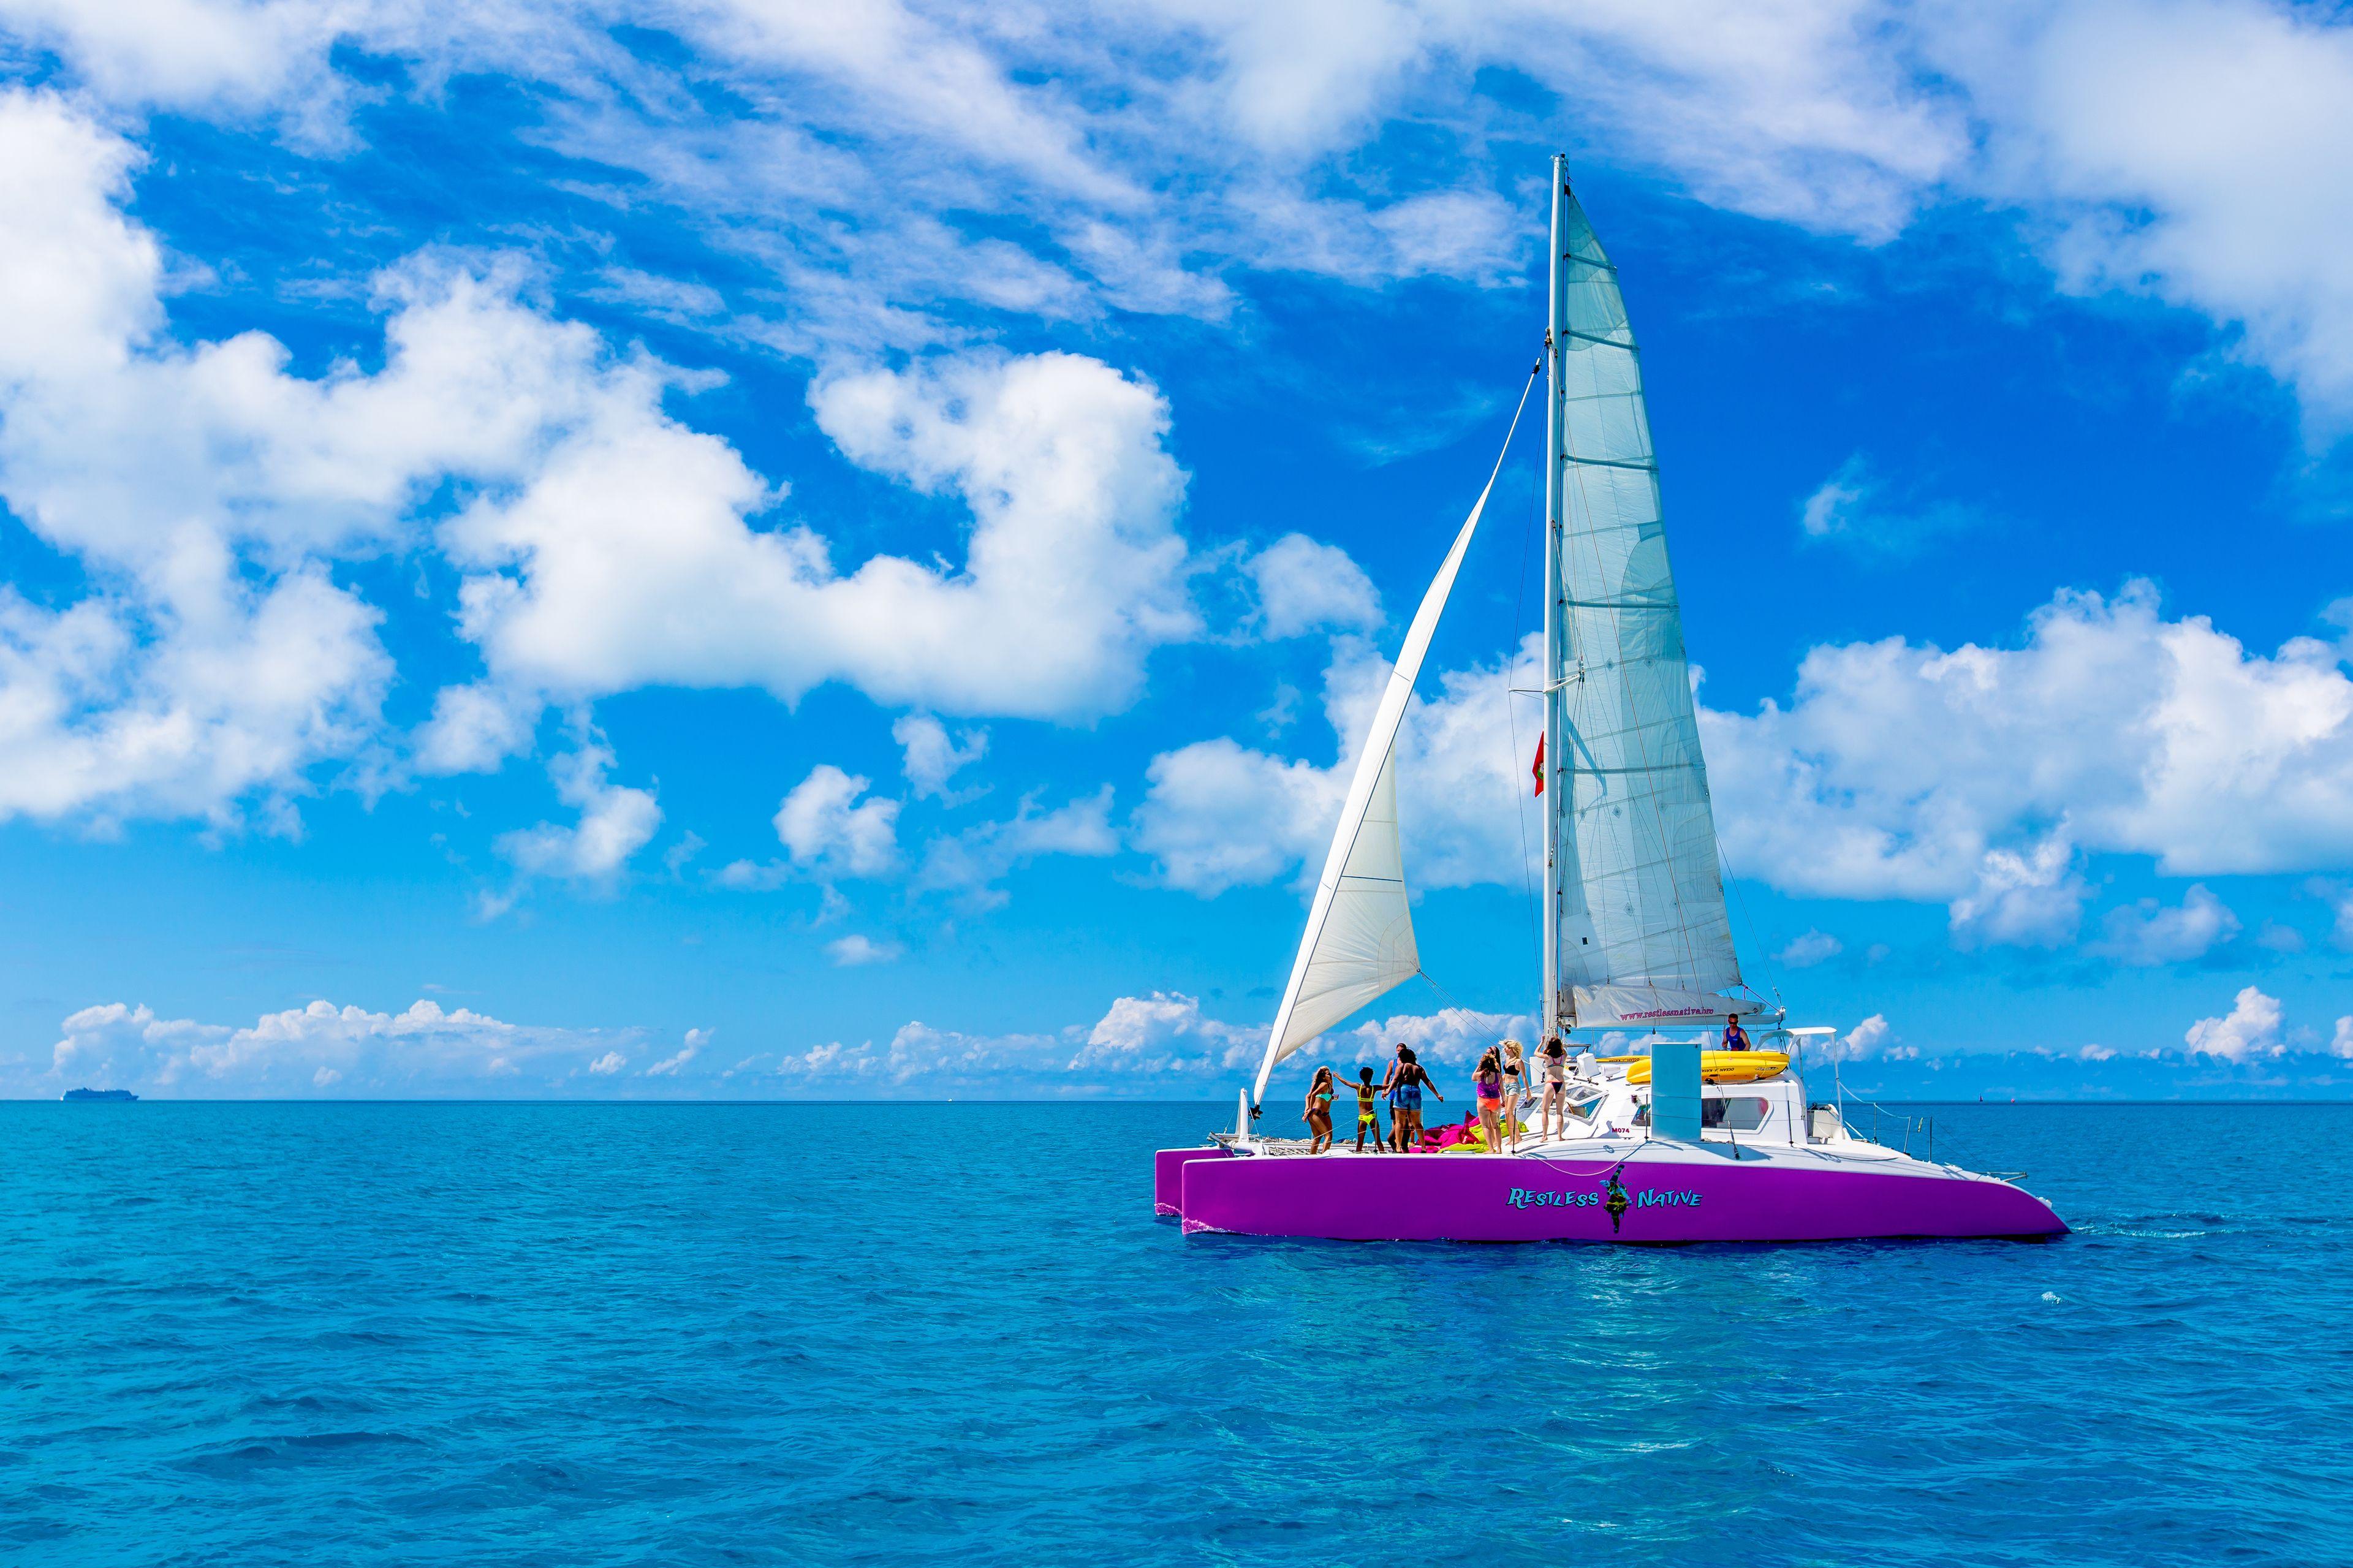 Bermuda Catamaran Sail & Snorkel